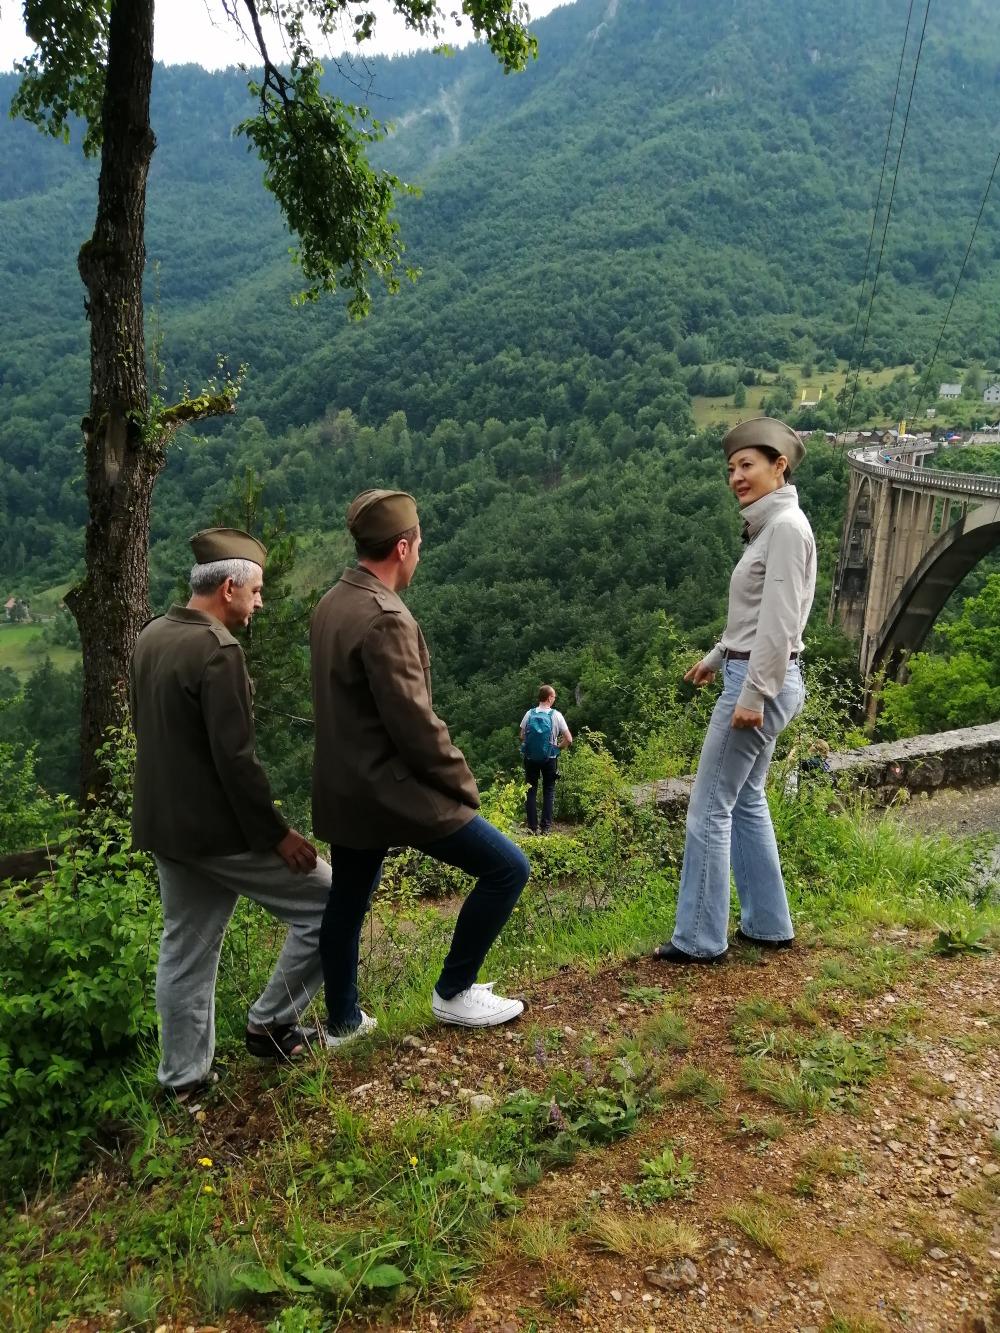 Kineski CCTV kanal 6 snima dokumentarac o Crnoj Gori